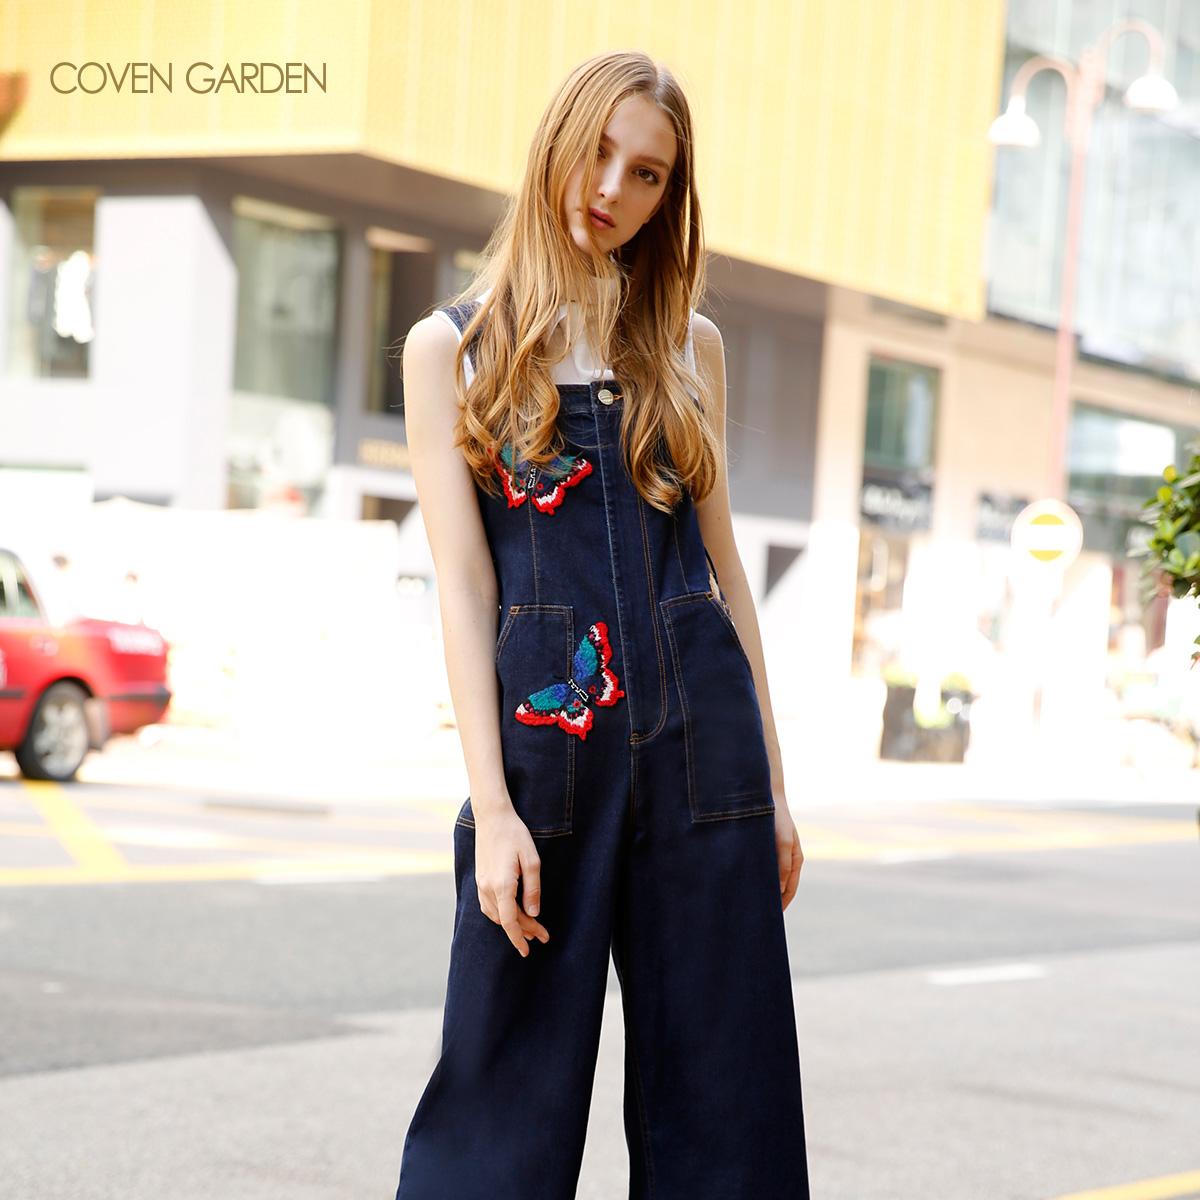 COVEN GARDEN-哥文花园新款高腰刺绣牛仔背带裤女显瘦显高长裤子